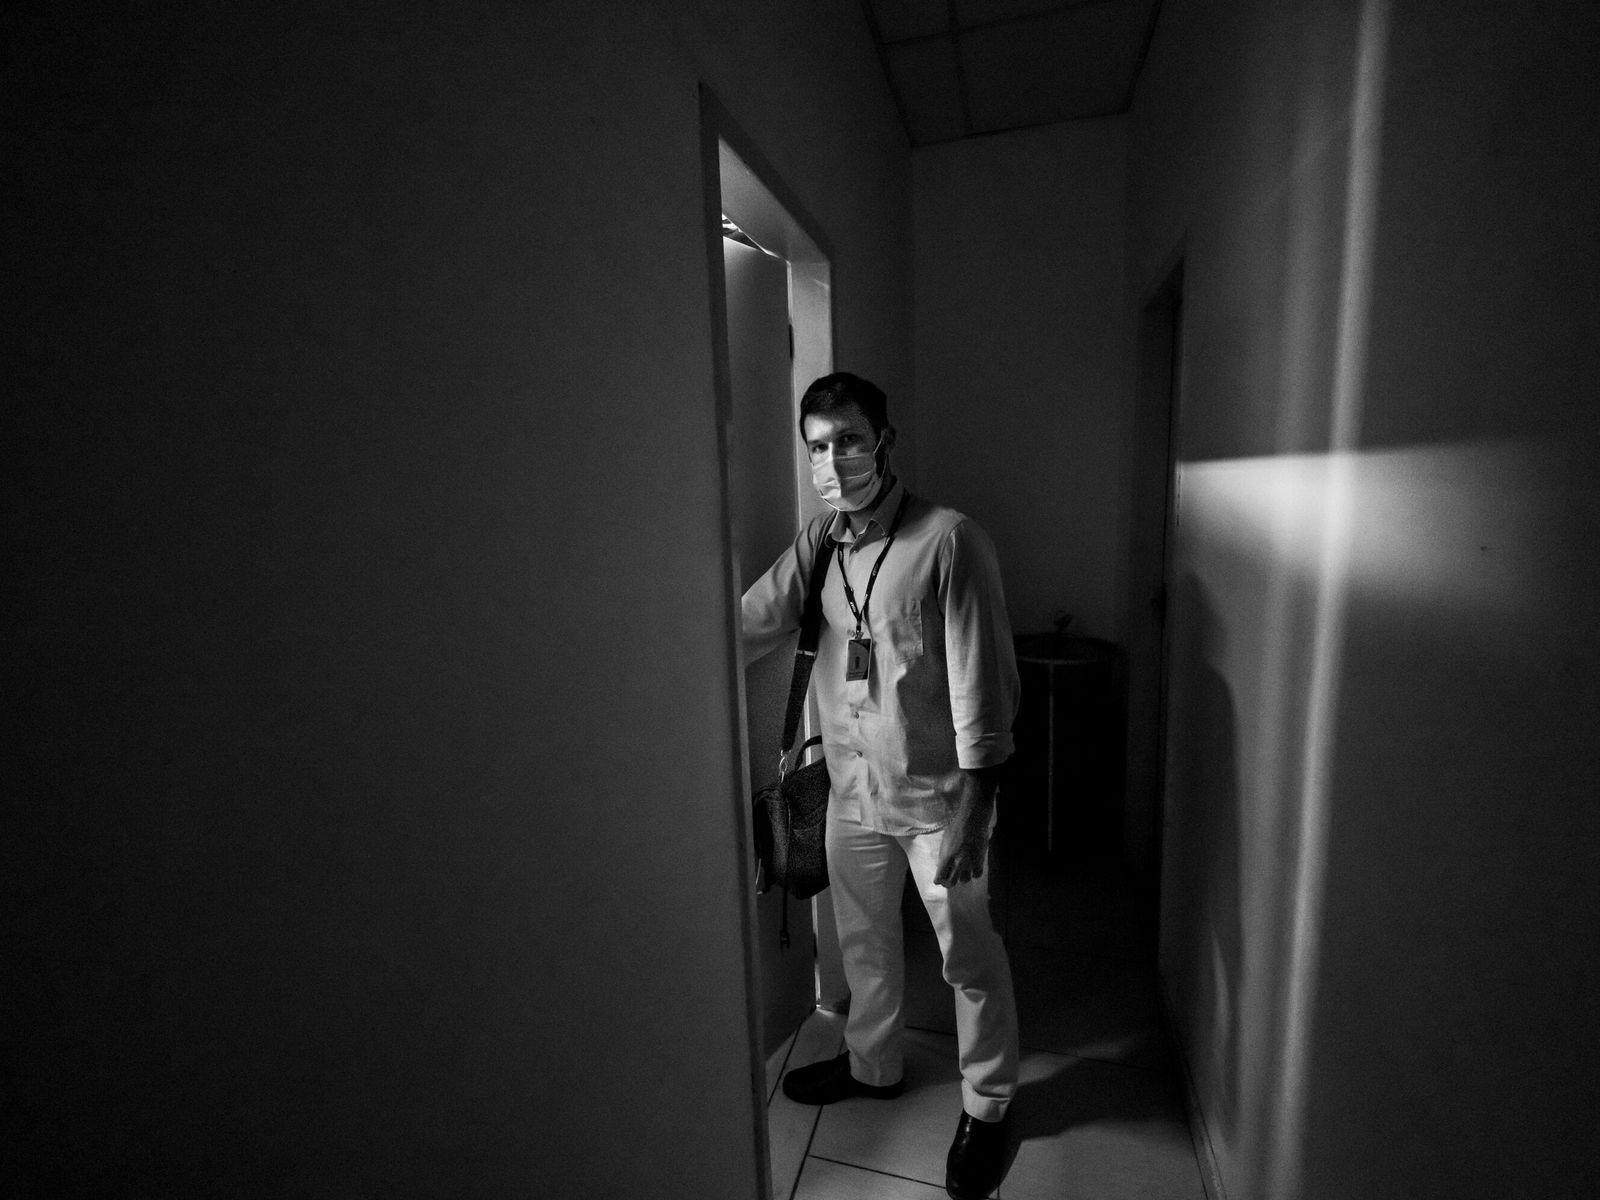 O médico Bruno Bordello no hospital Antônio Pedro, em Niterói, Rio de Janeiro. Além das longas ...